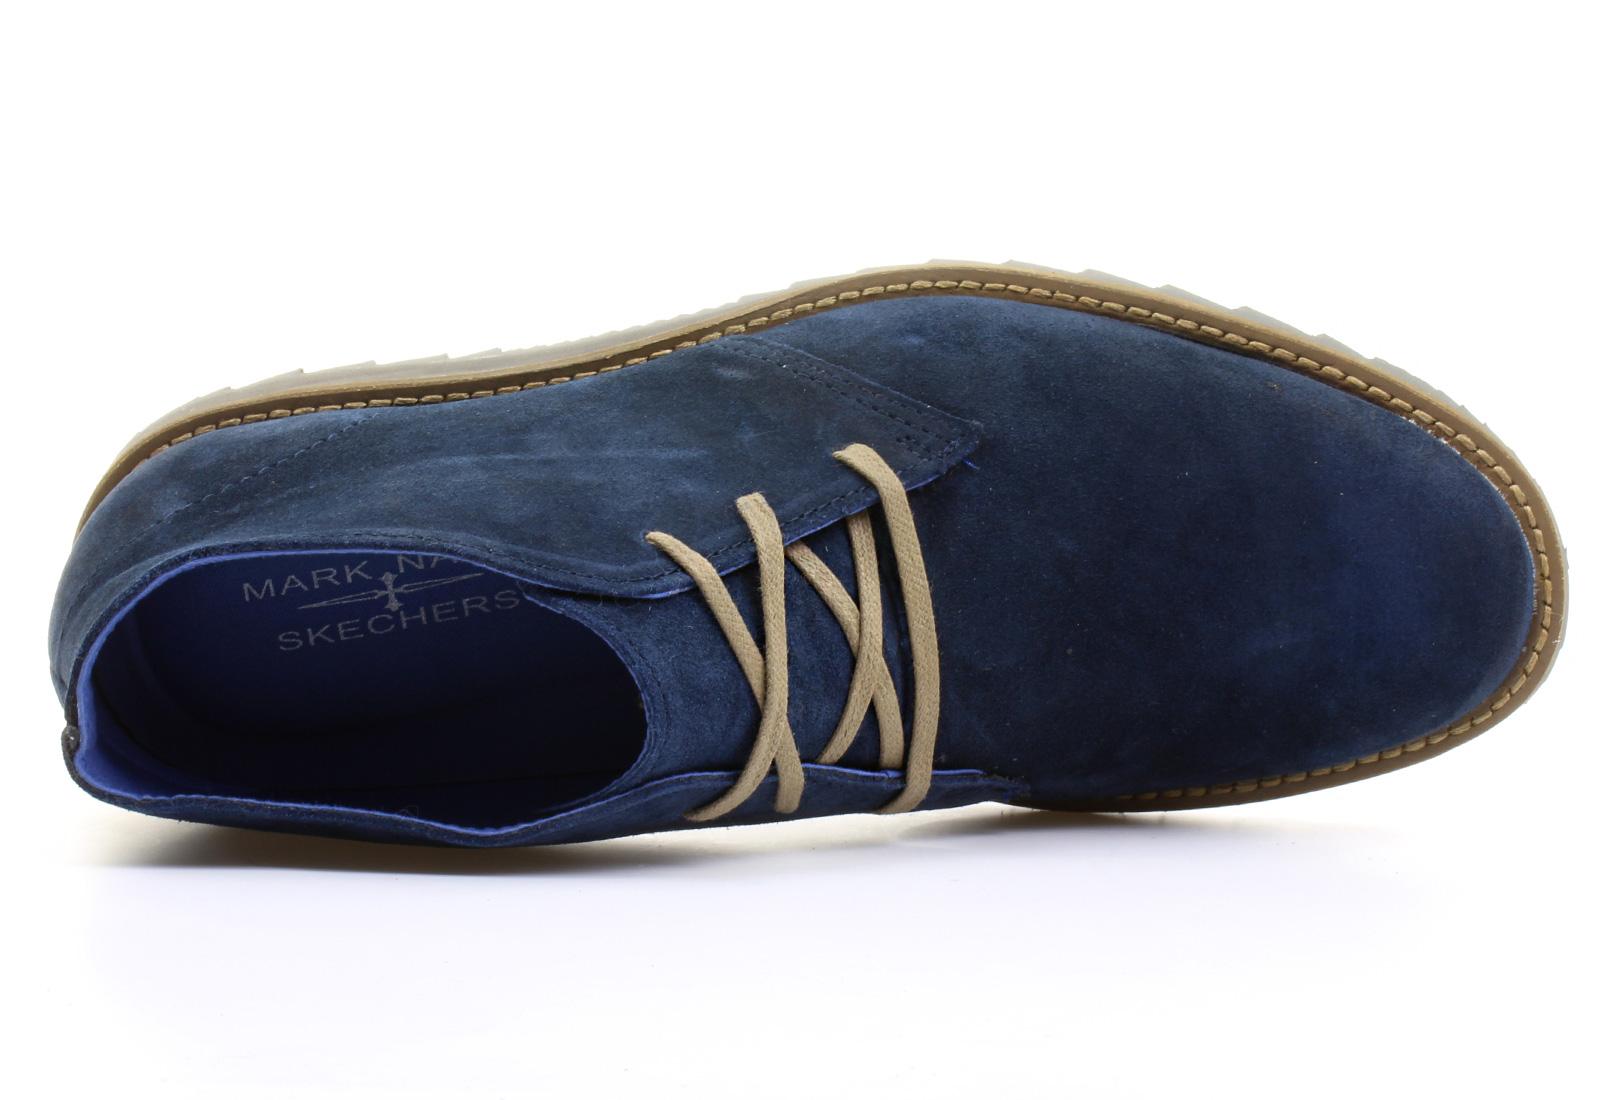 taswell men Mark nason's taswell is new men's skechers mark nason taswell chukka boot shoe details about new men's skechers mark nason taswell.